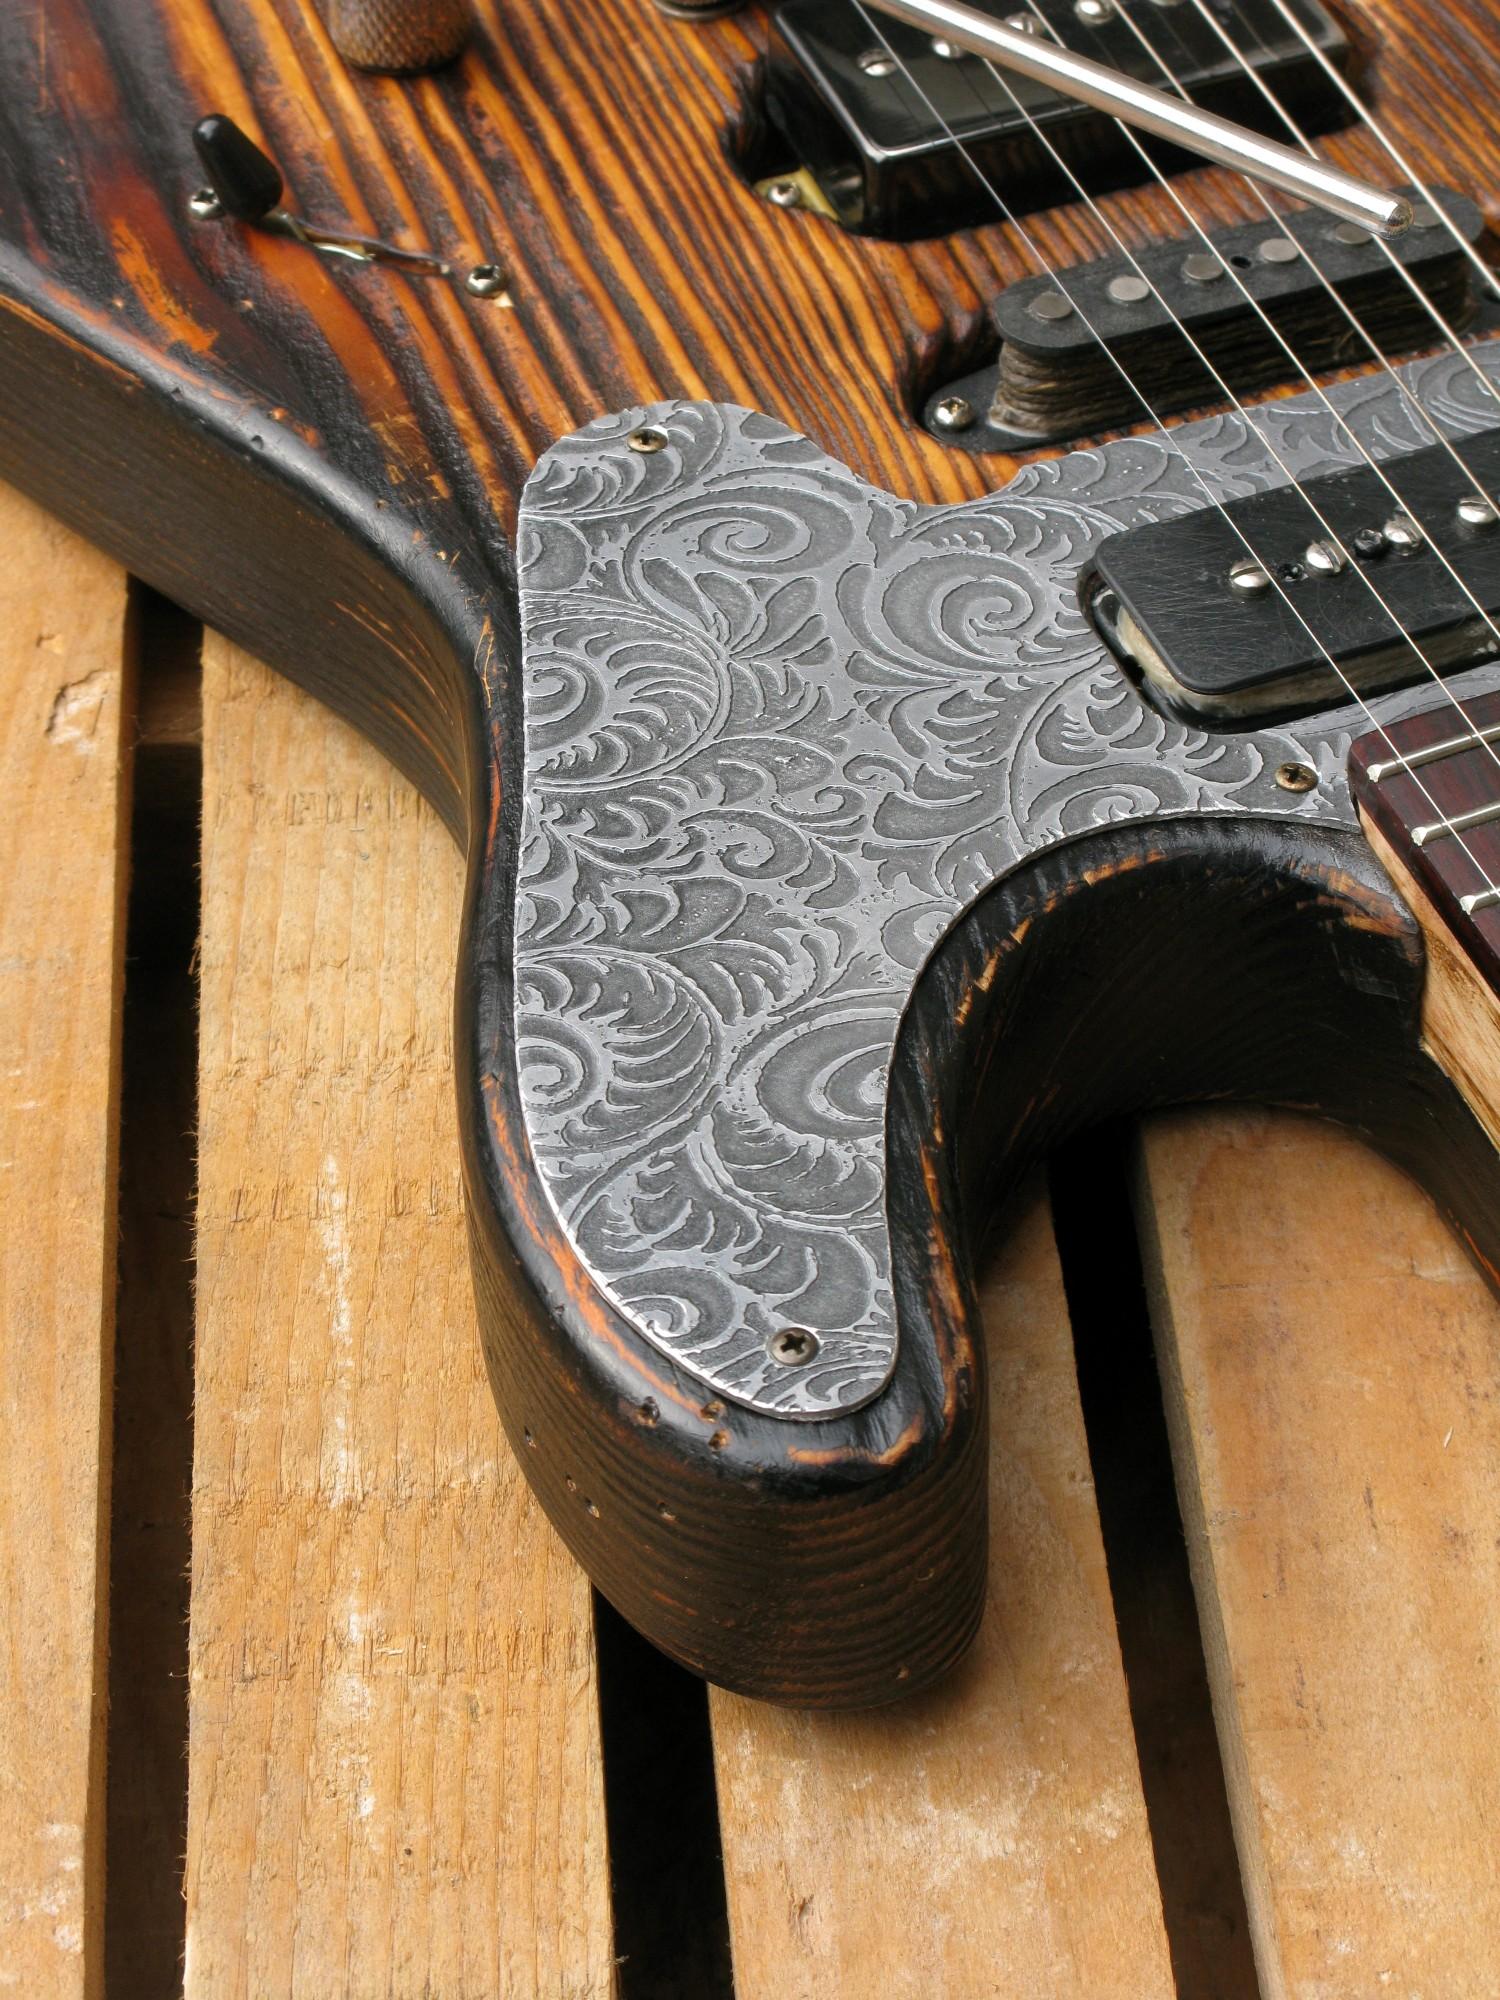 Chitarra modello Stratocaster, body in pino, manico in frassino, reverse: spalla mancante